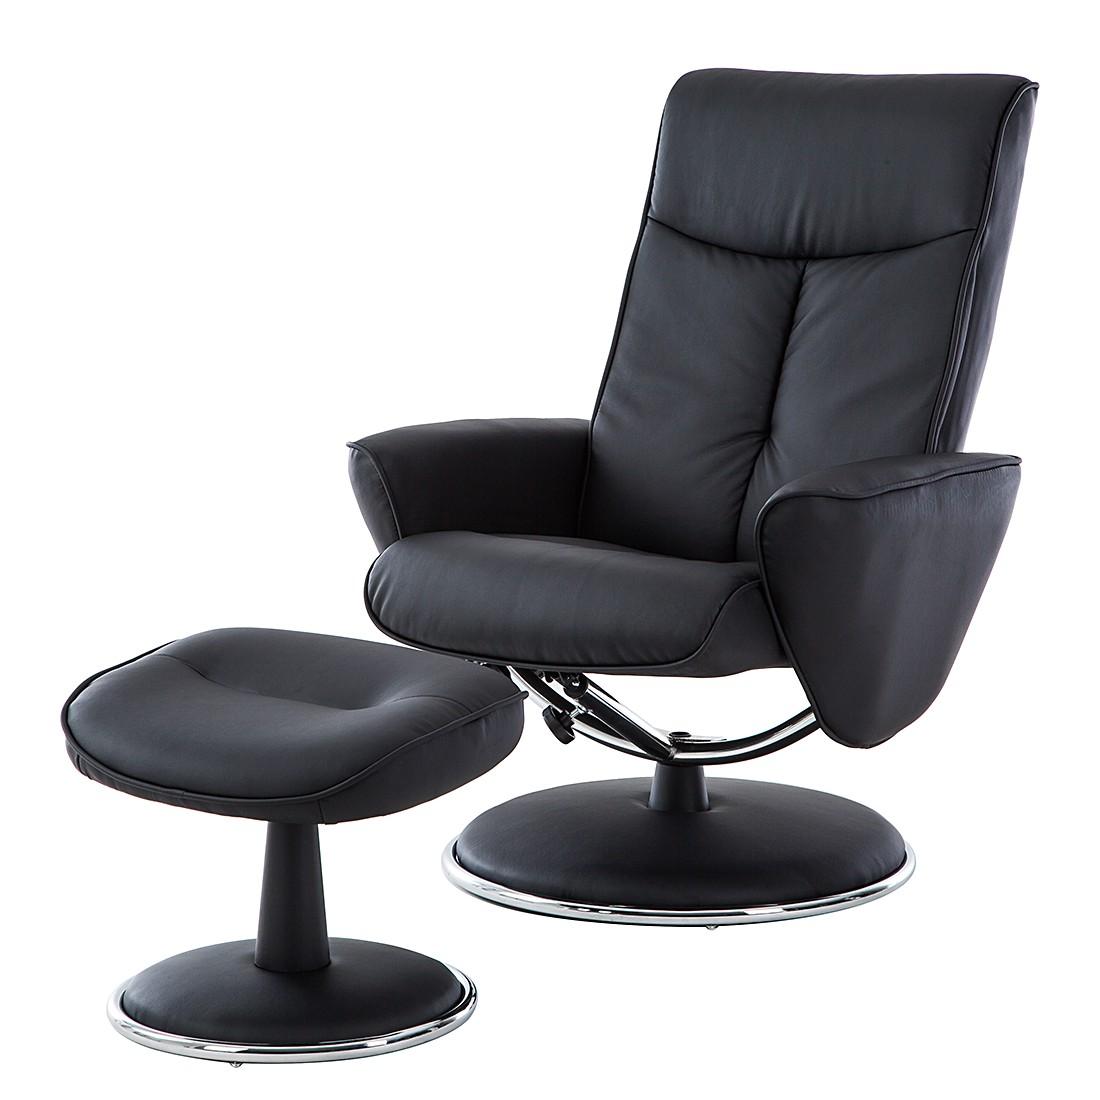 goedkoop Relaxfauteuil Kenzo met hocker zwart kunstleer mooved